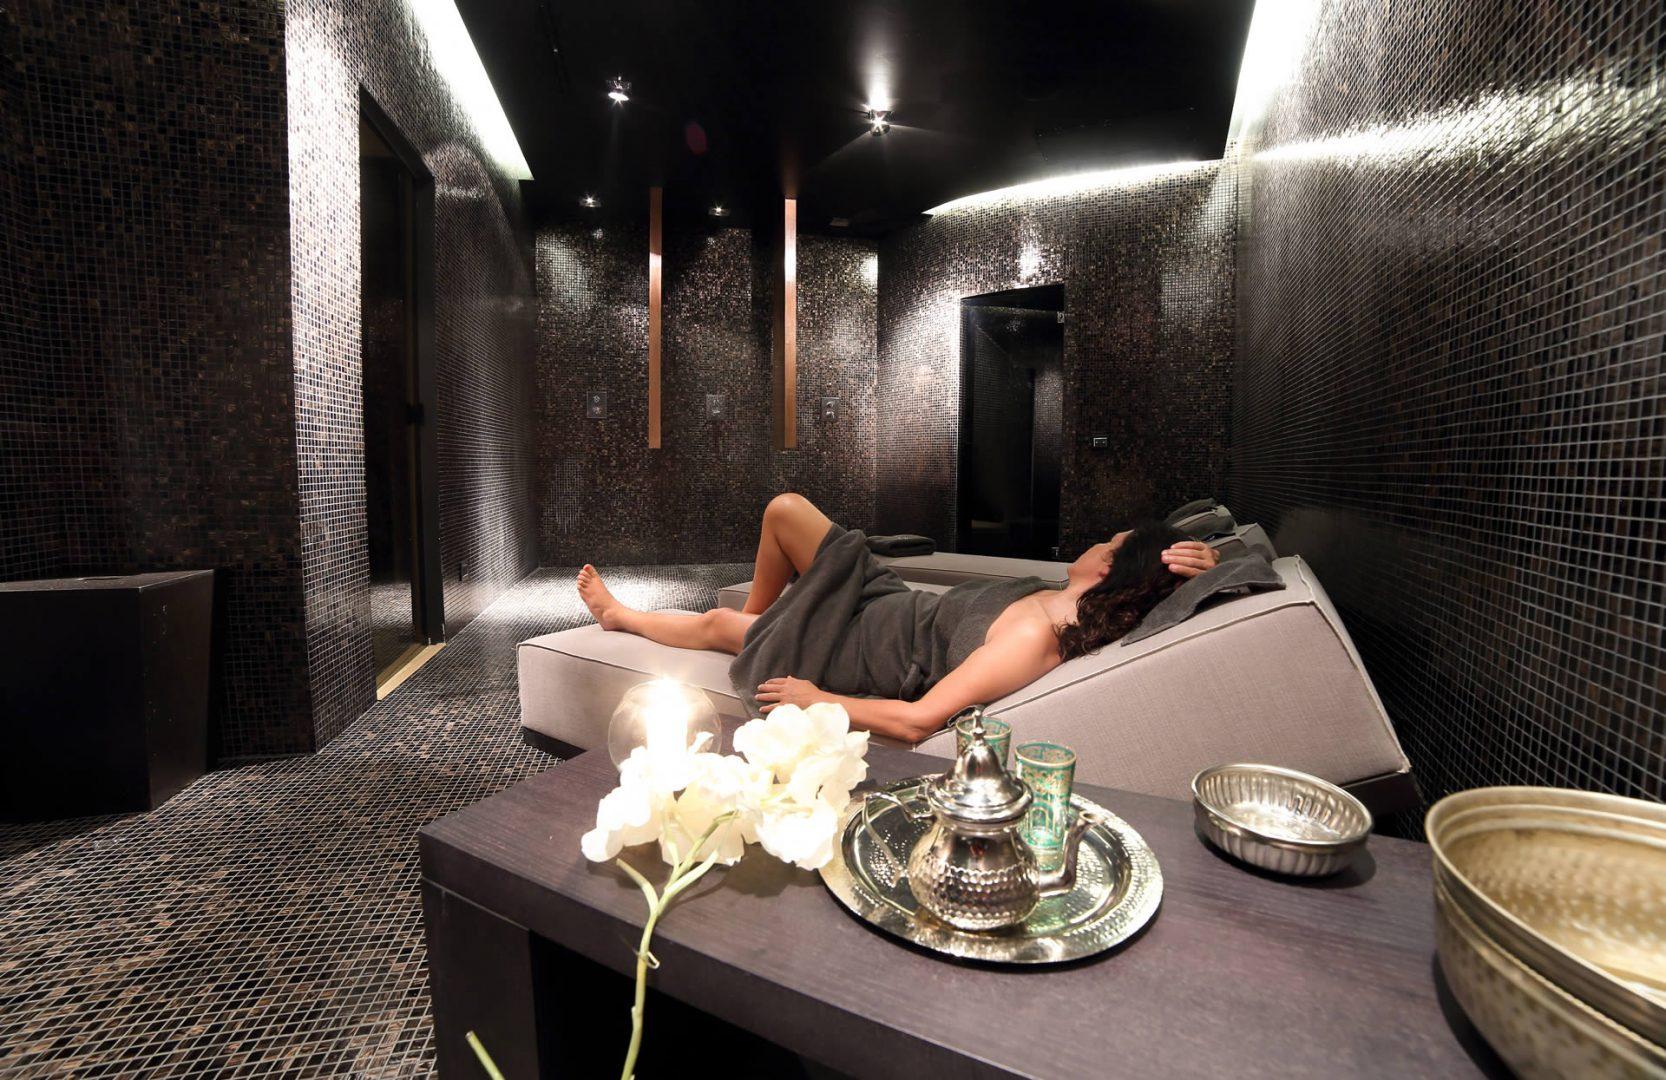 gruppo-felix-hotels-la-coluccia-servizi-spa-6